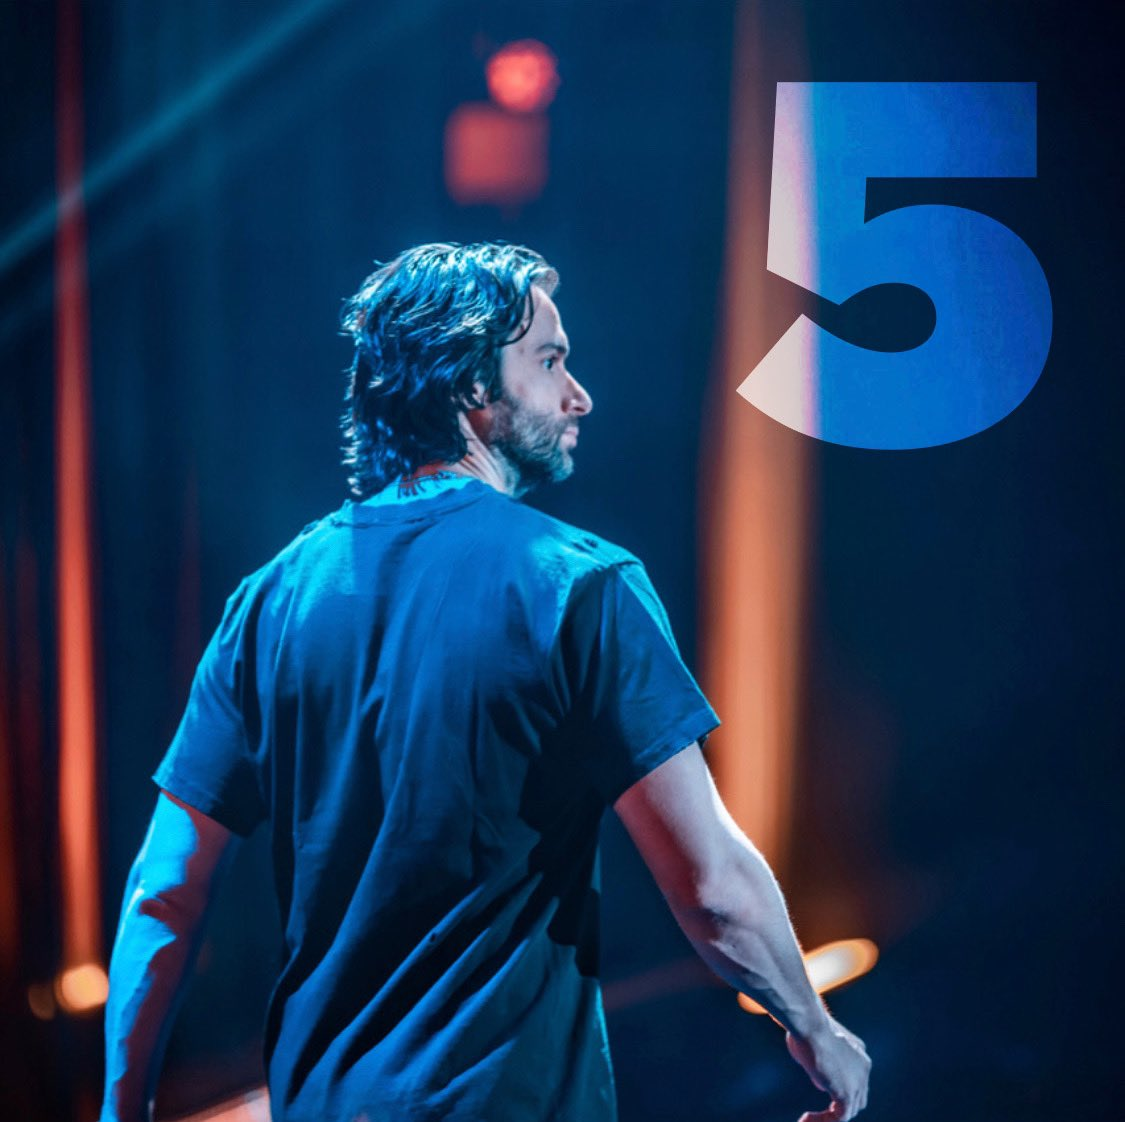 Five days. #nopainnetflix